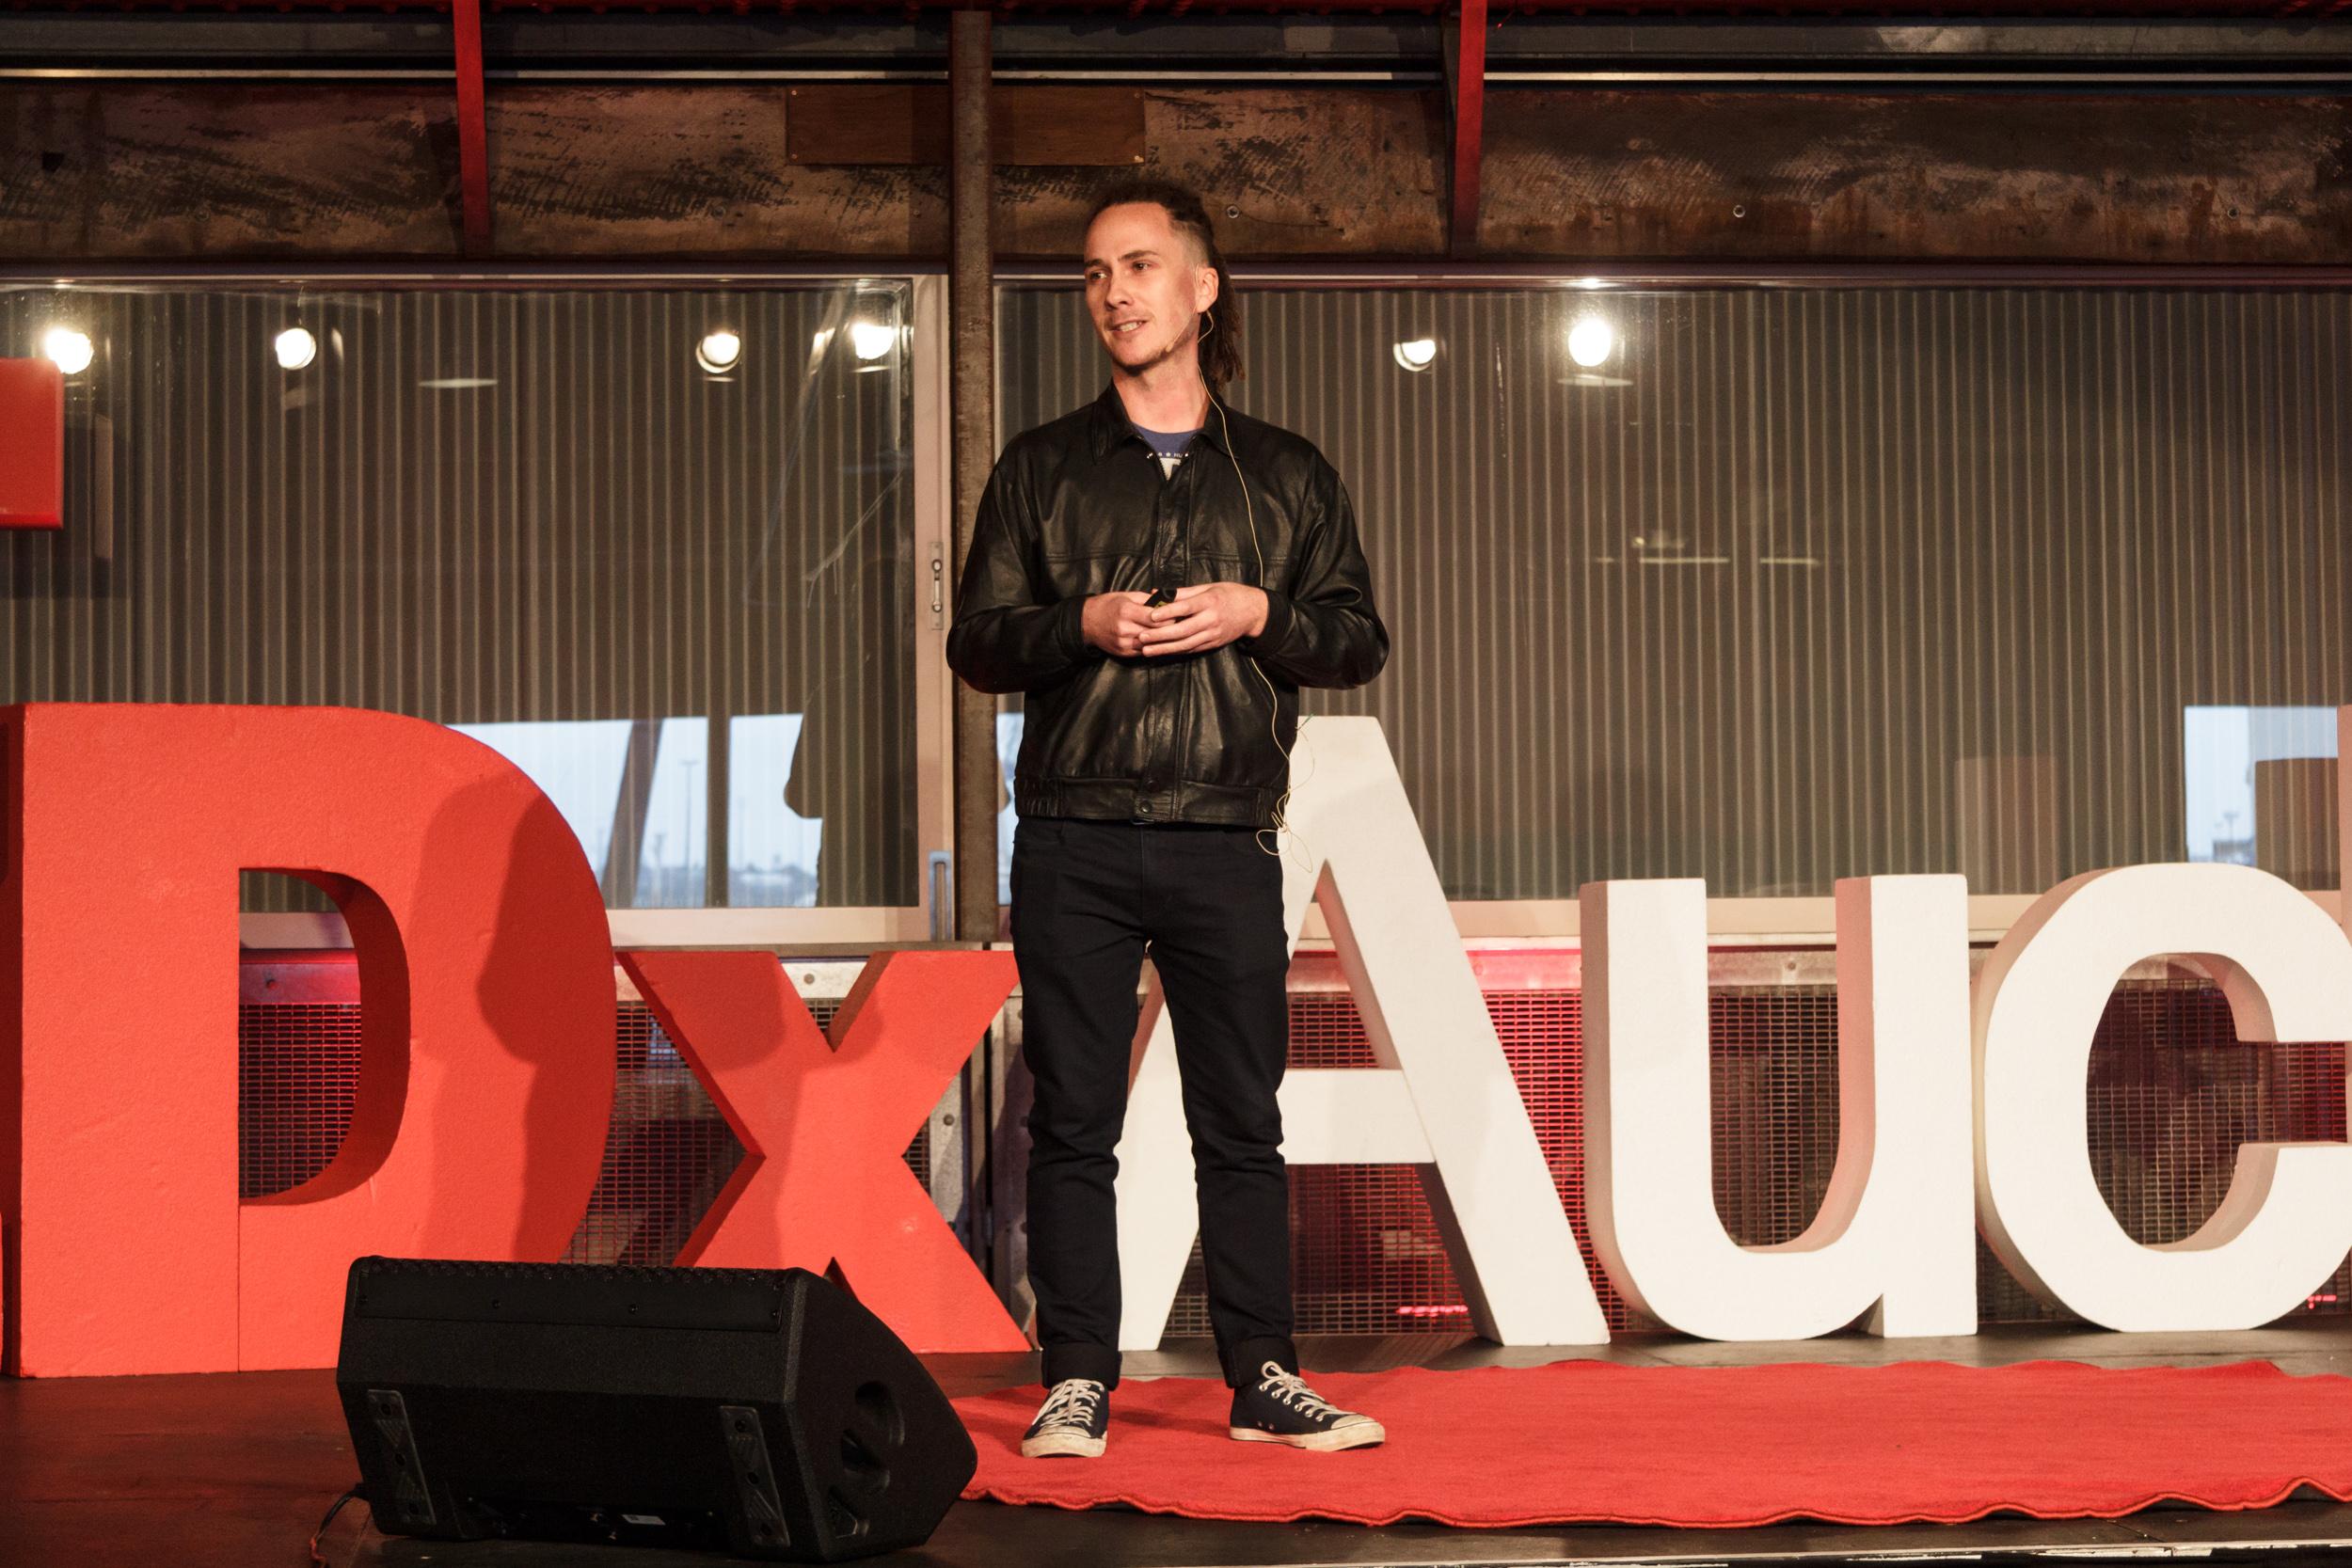 AutumnRainVisual_TedX2018_IMG_6775.jpg